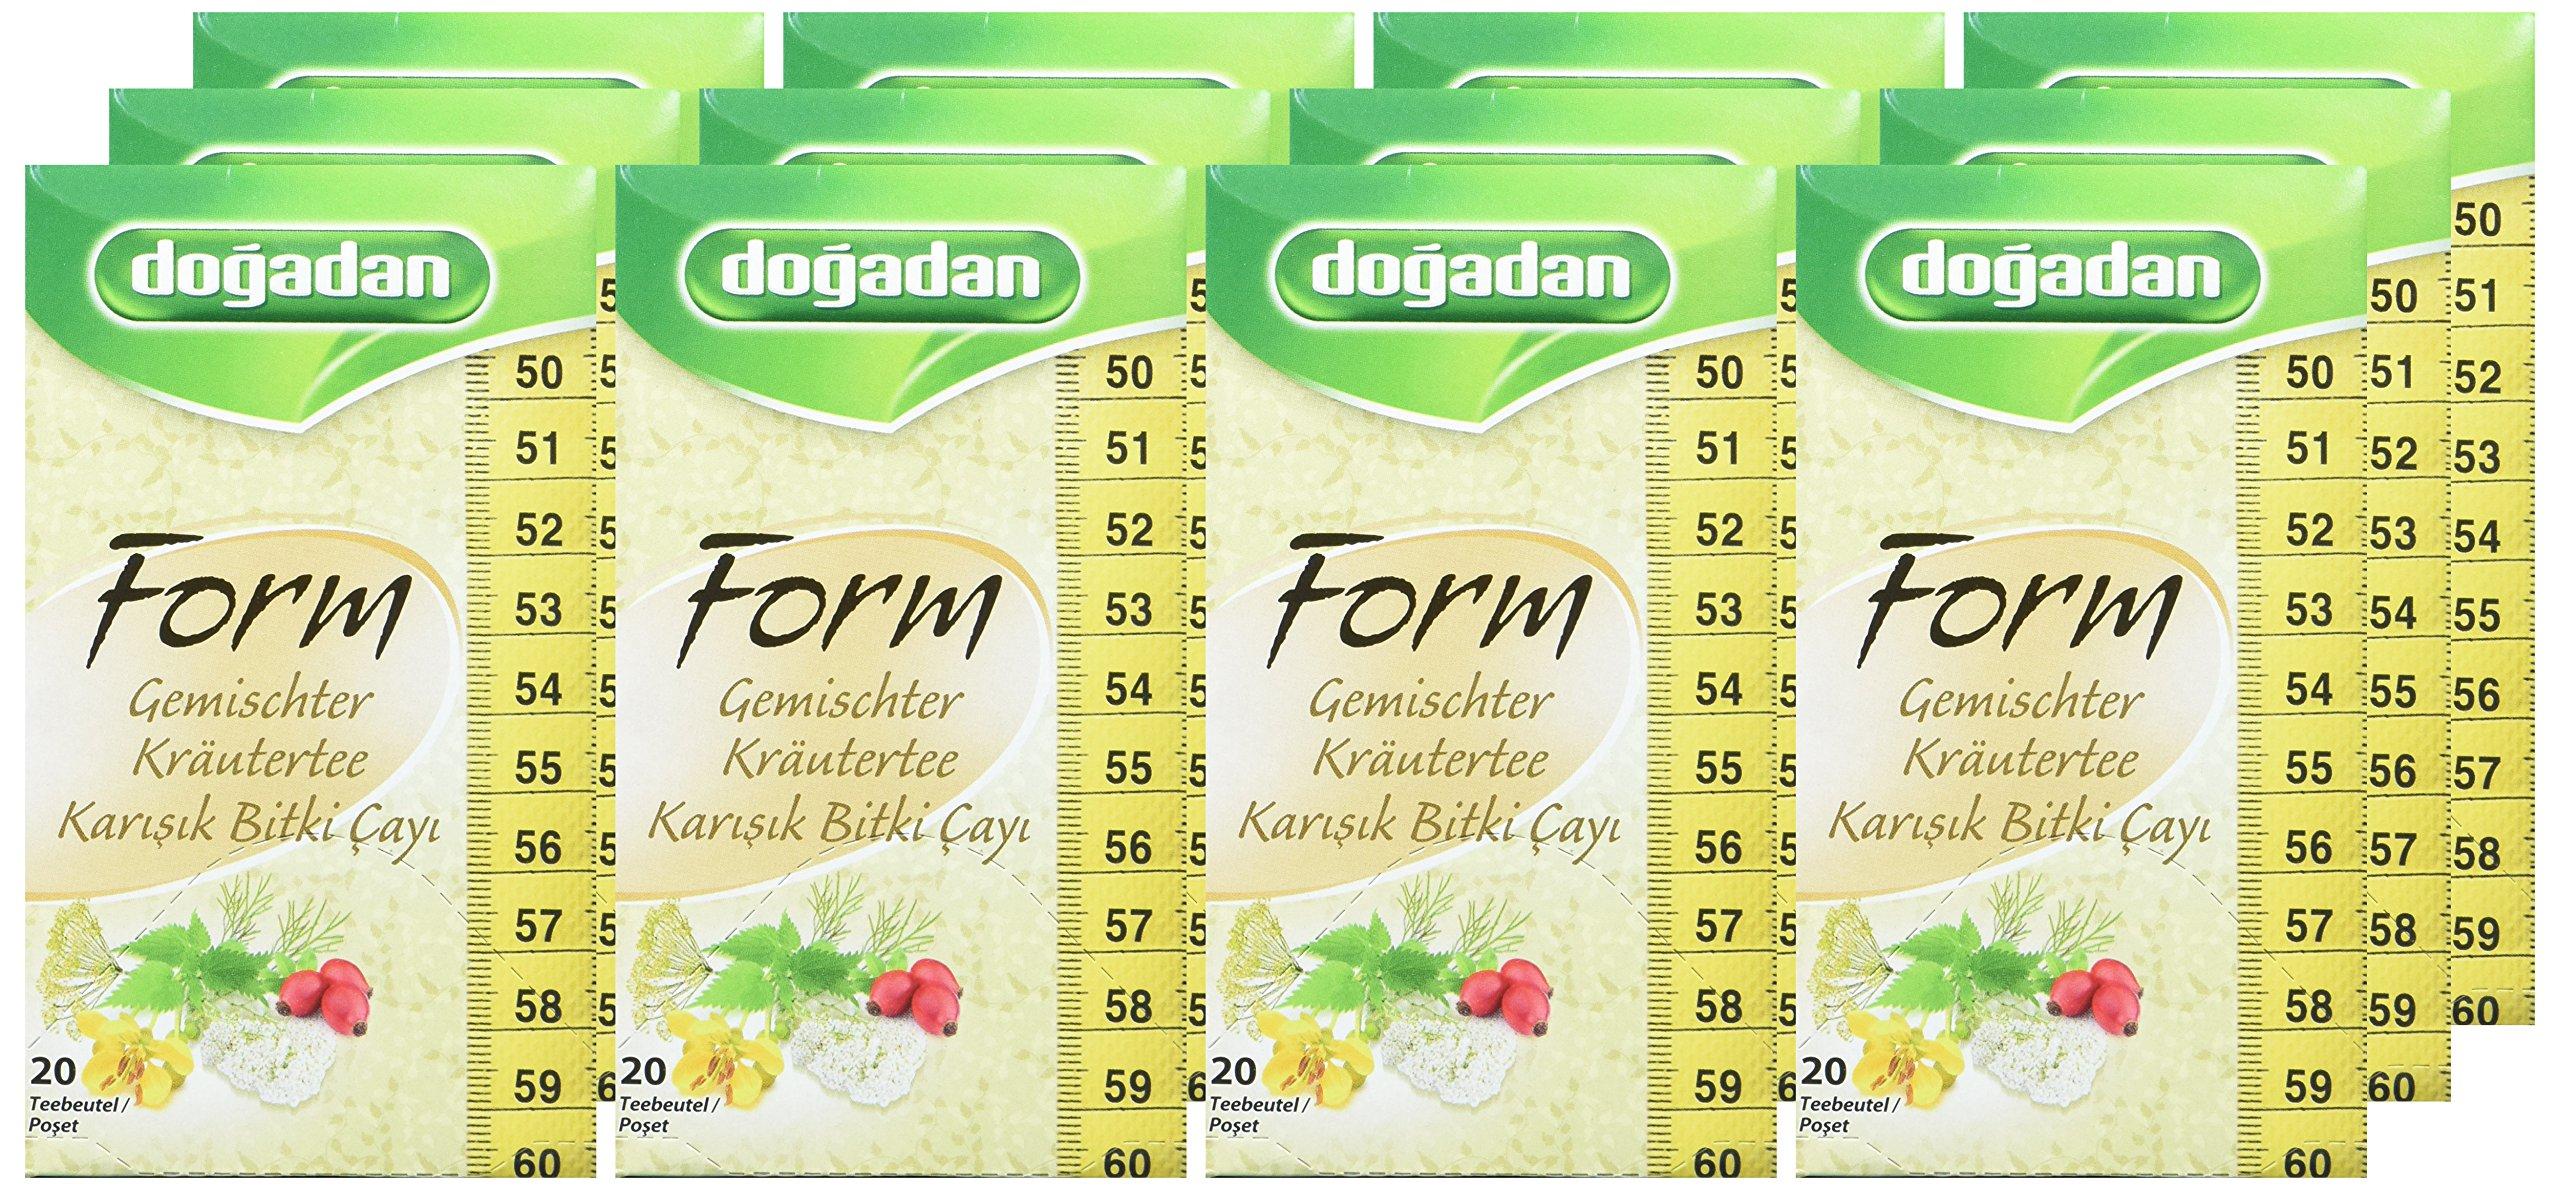 Dogadan-Formtee-12er-Pack-12-x-40-g